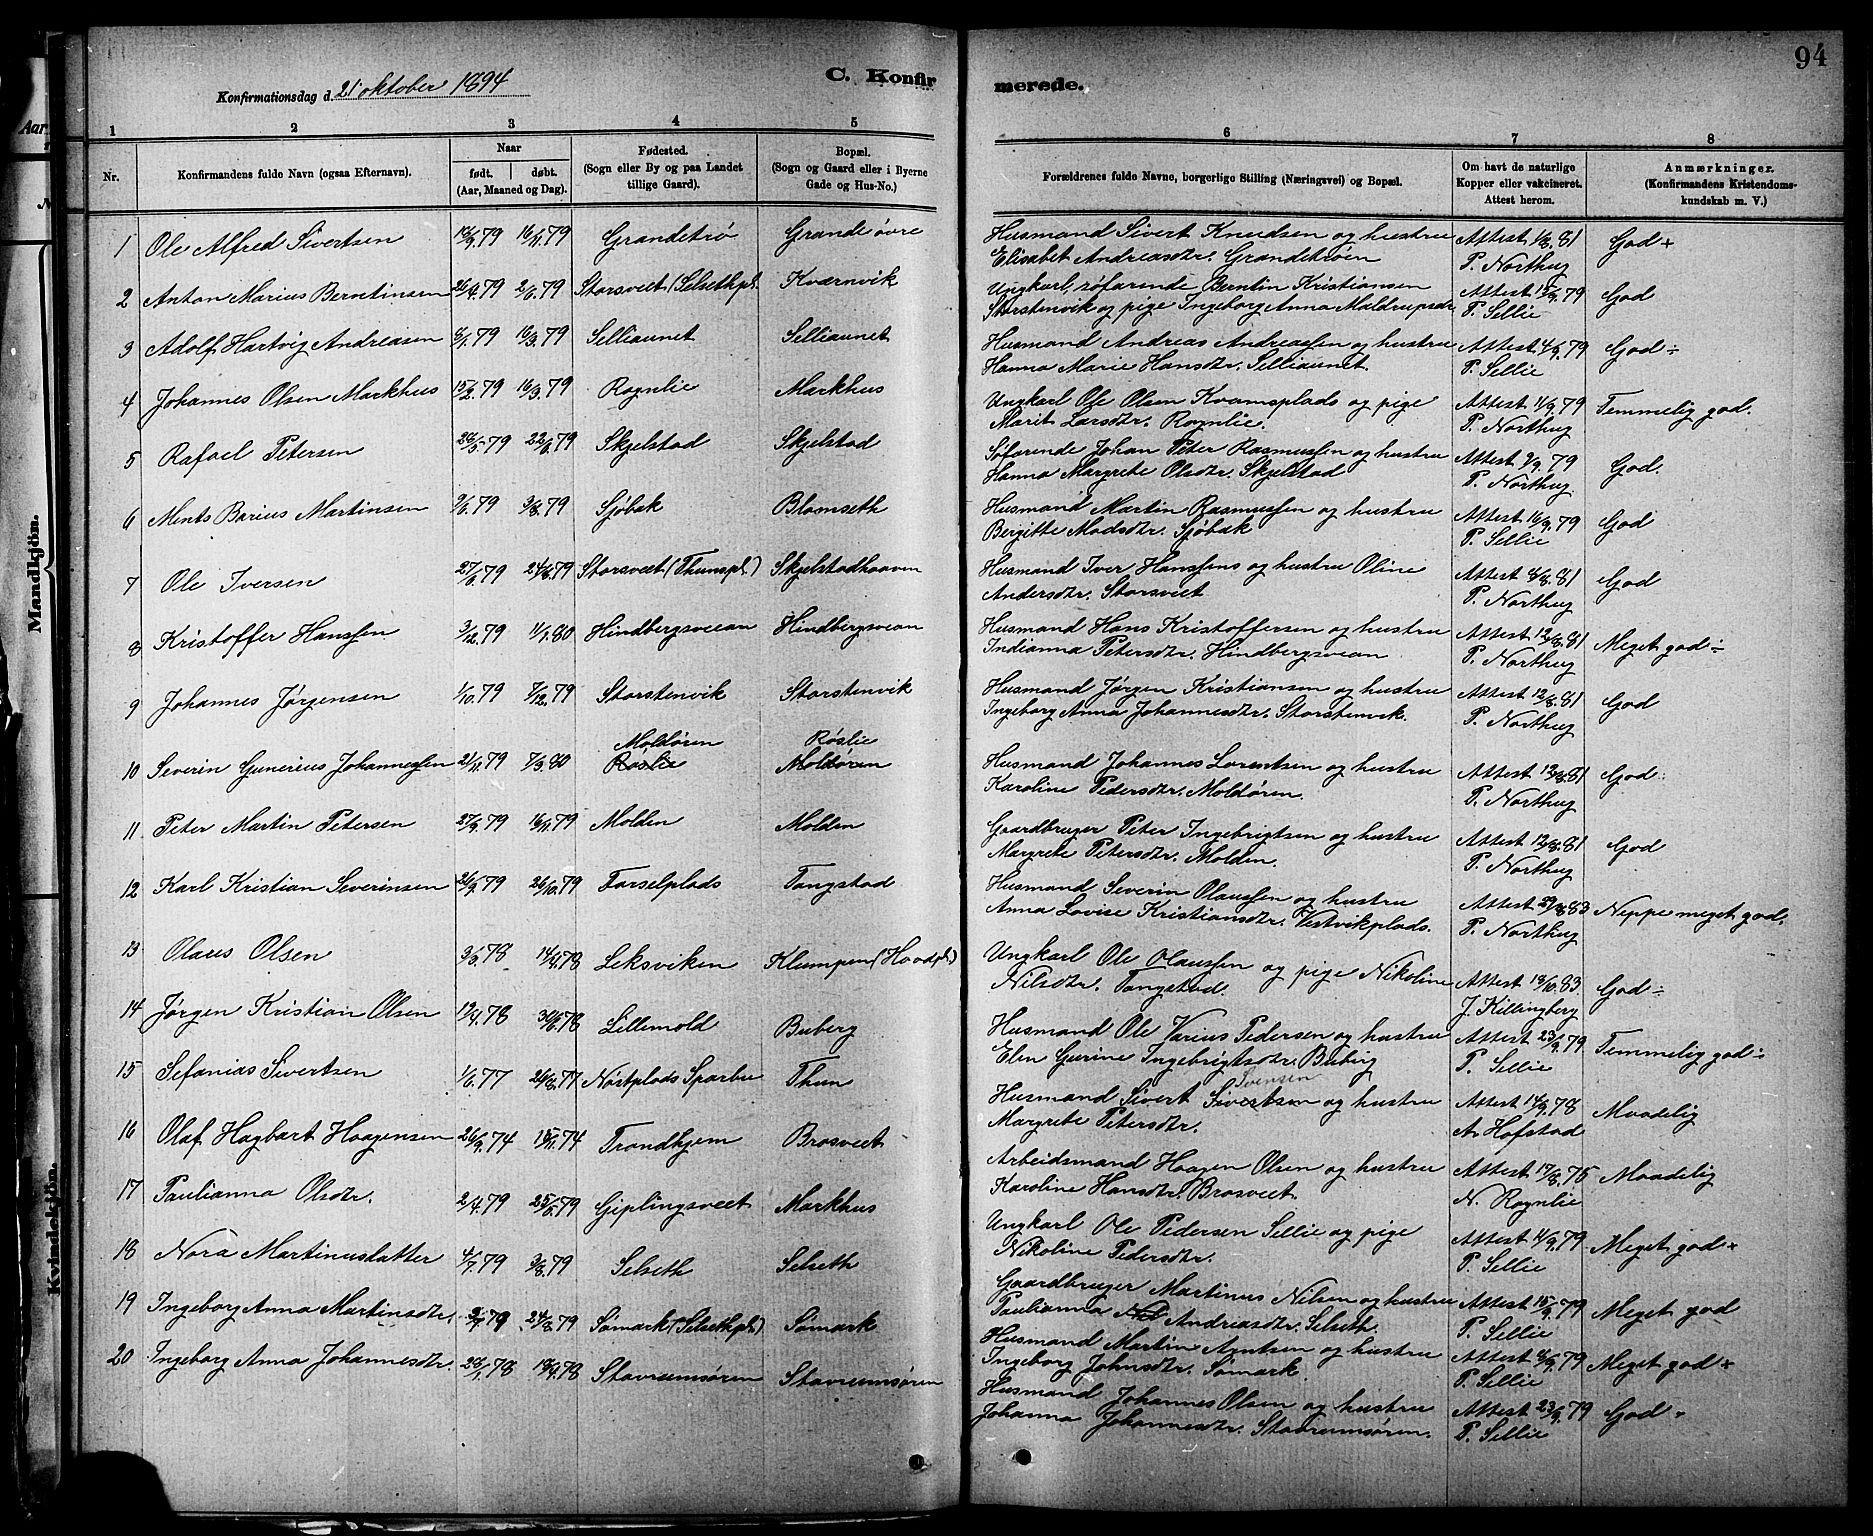 SAT, Ministerialprotokoller, klokkerbøker og fødselsregistre - Nord-Trøndelag, 744/L0423: Klokkerbok nr. 744C02, 1886-1905, s. 94